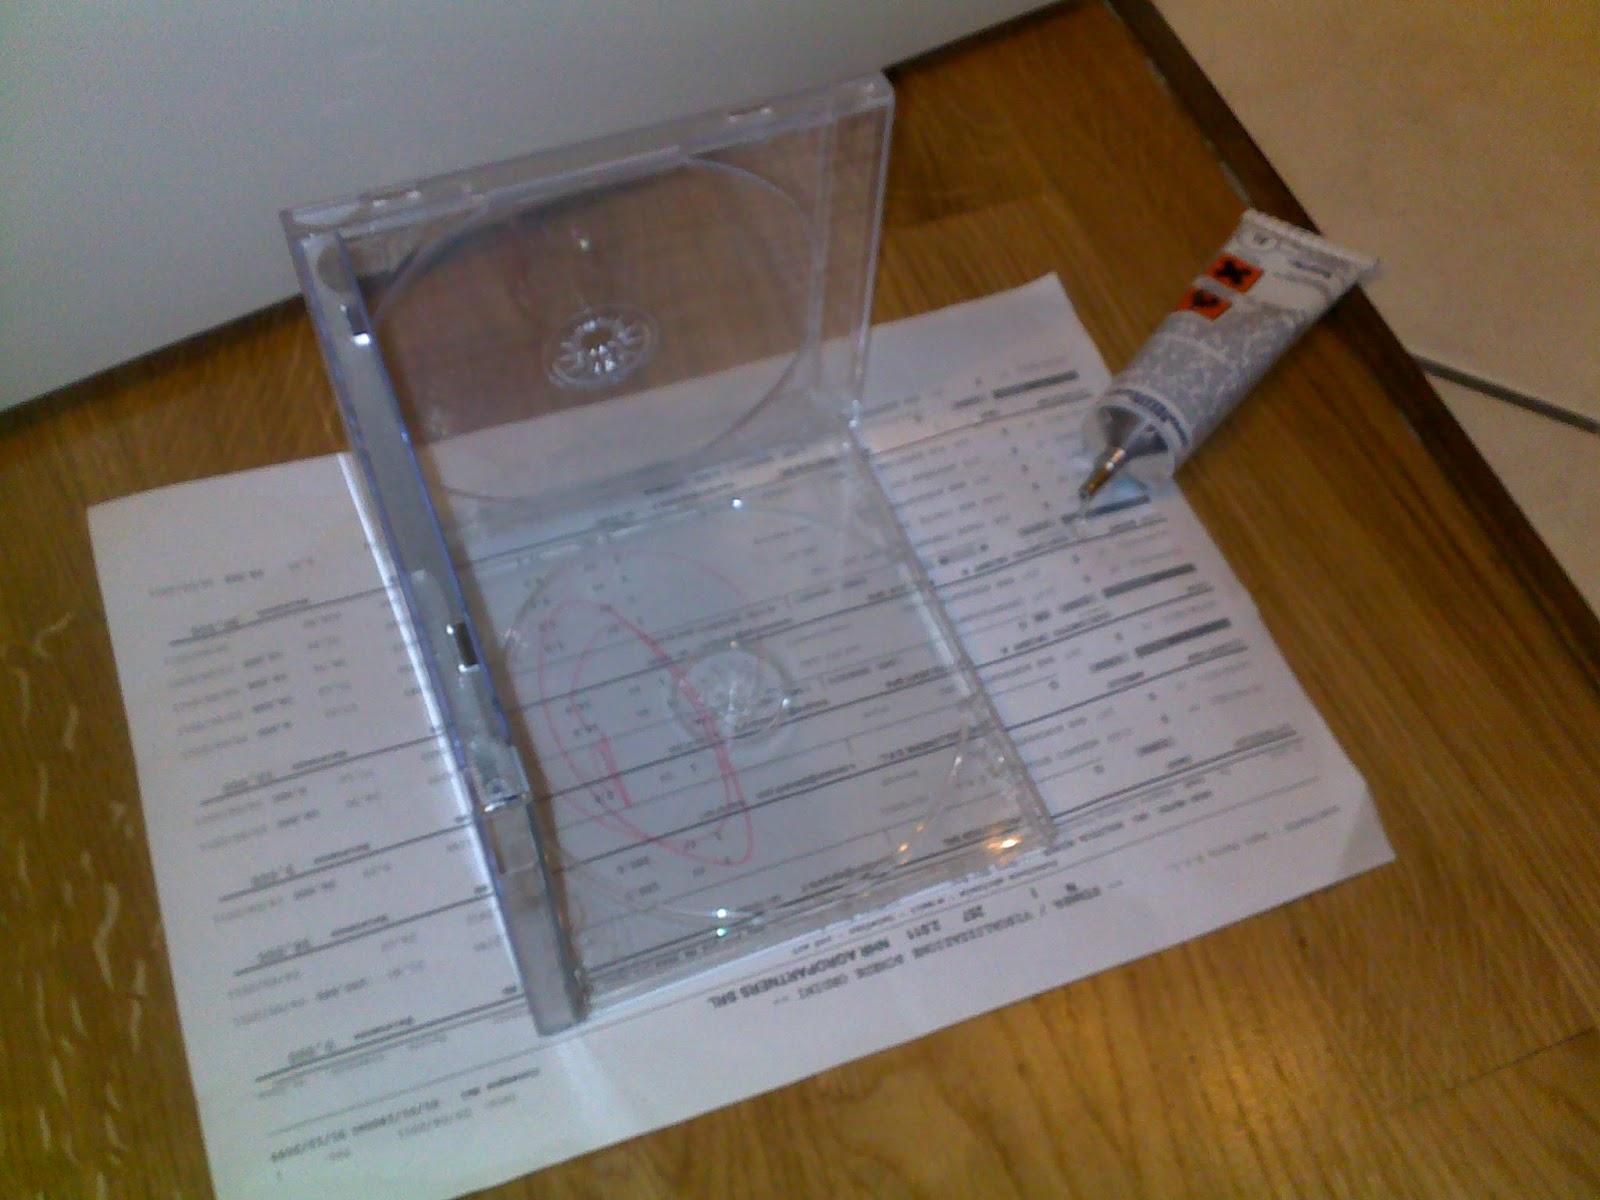 Jen crea creazioni di tutto e un p scatolina porta nastri riciclando le custodie dei cd - Ikea porta cd ...